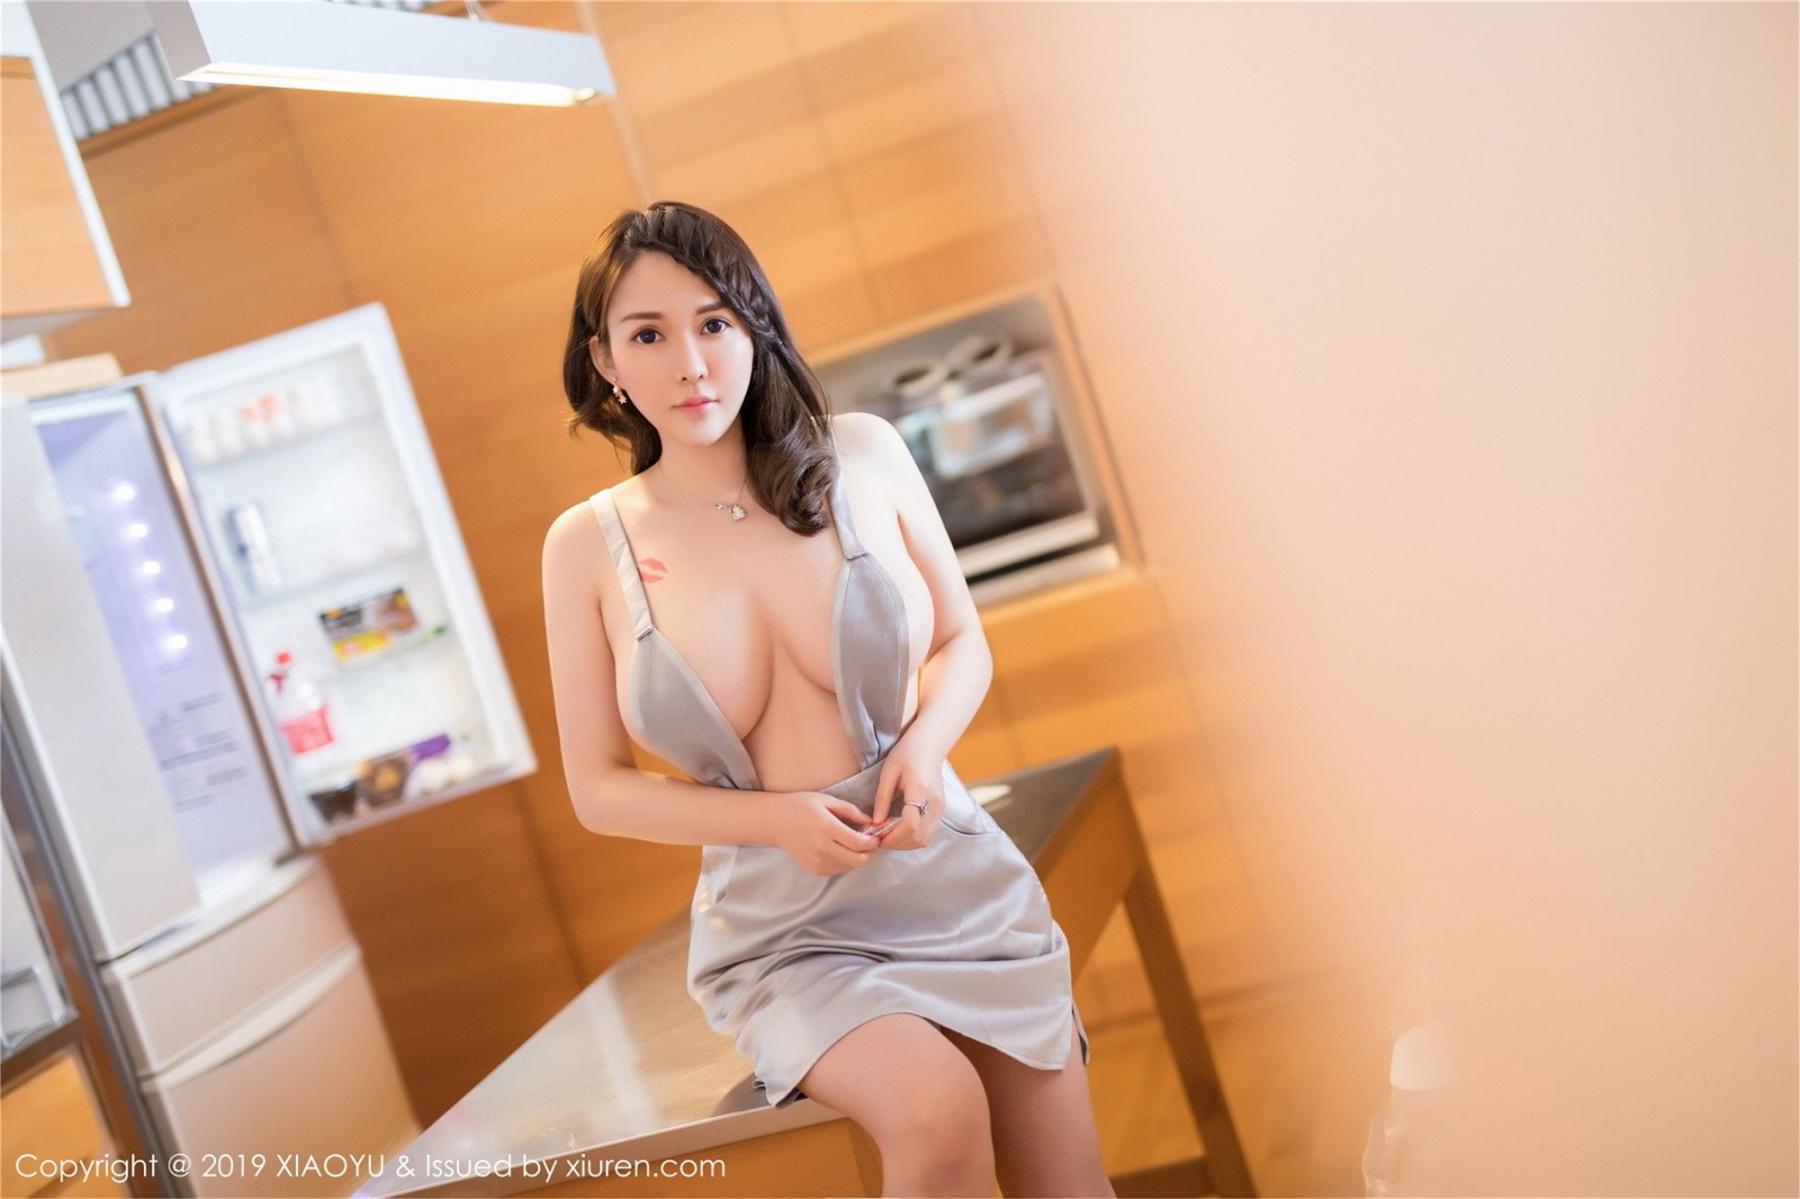 [XiaoYu] Vol.080 Shen Mi Tao 11P, Shen Mi Tao, XiaoYu